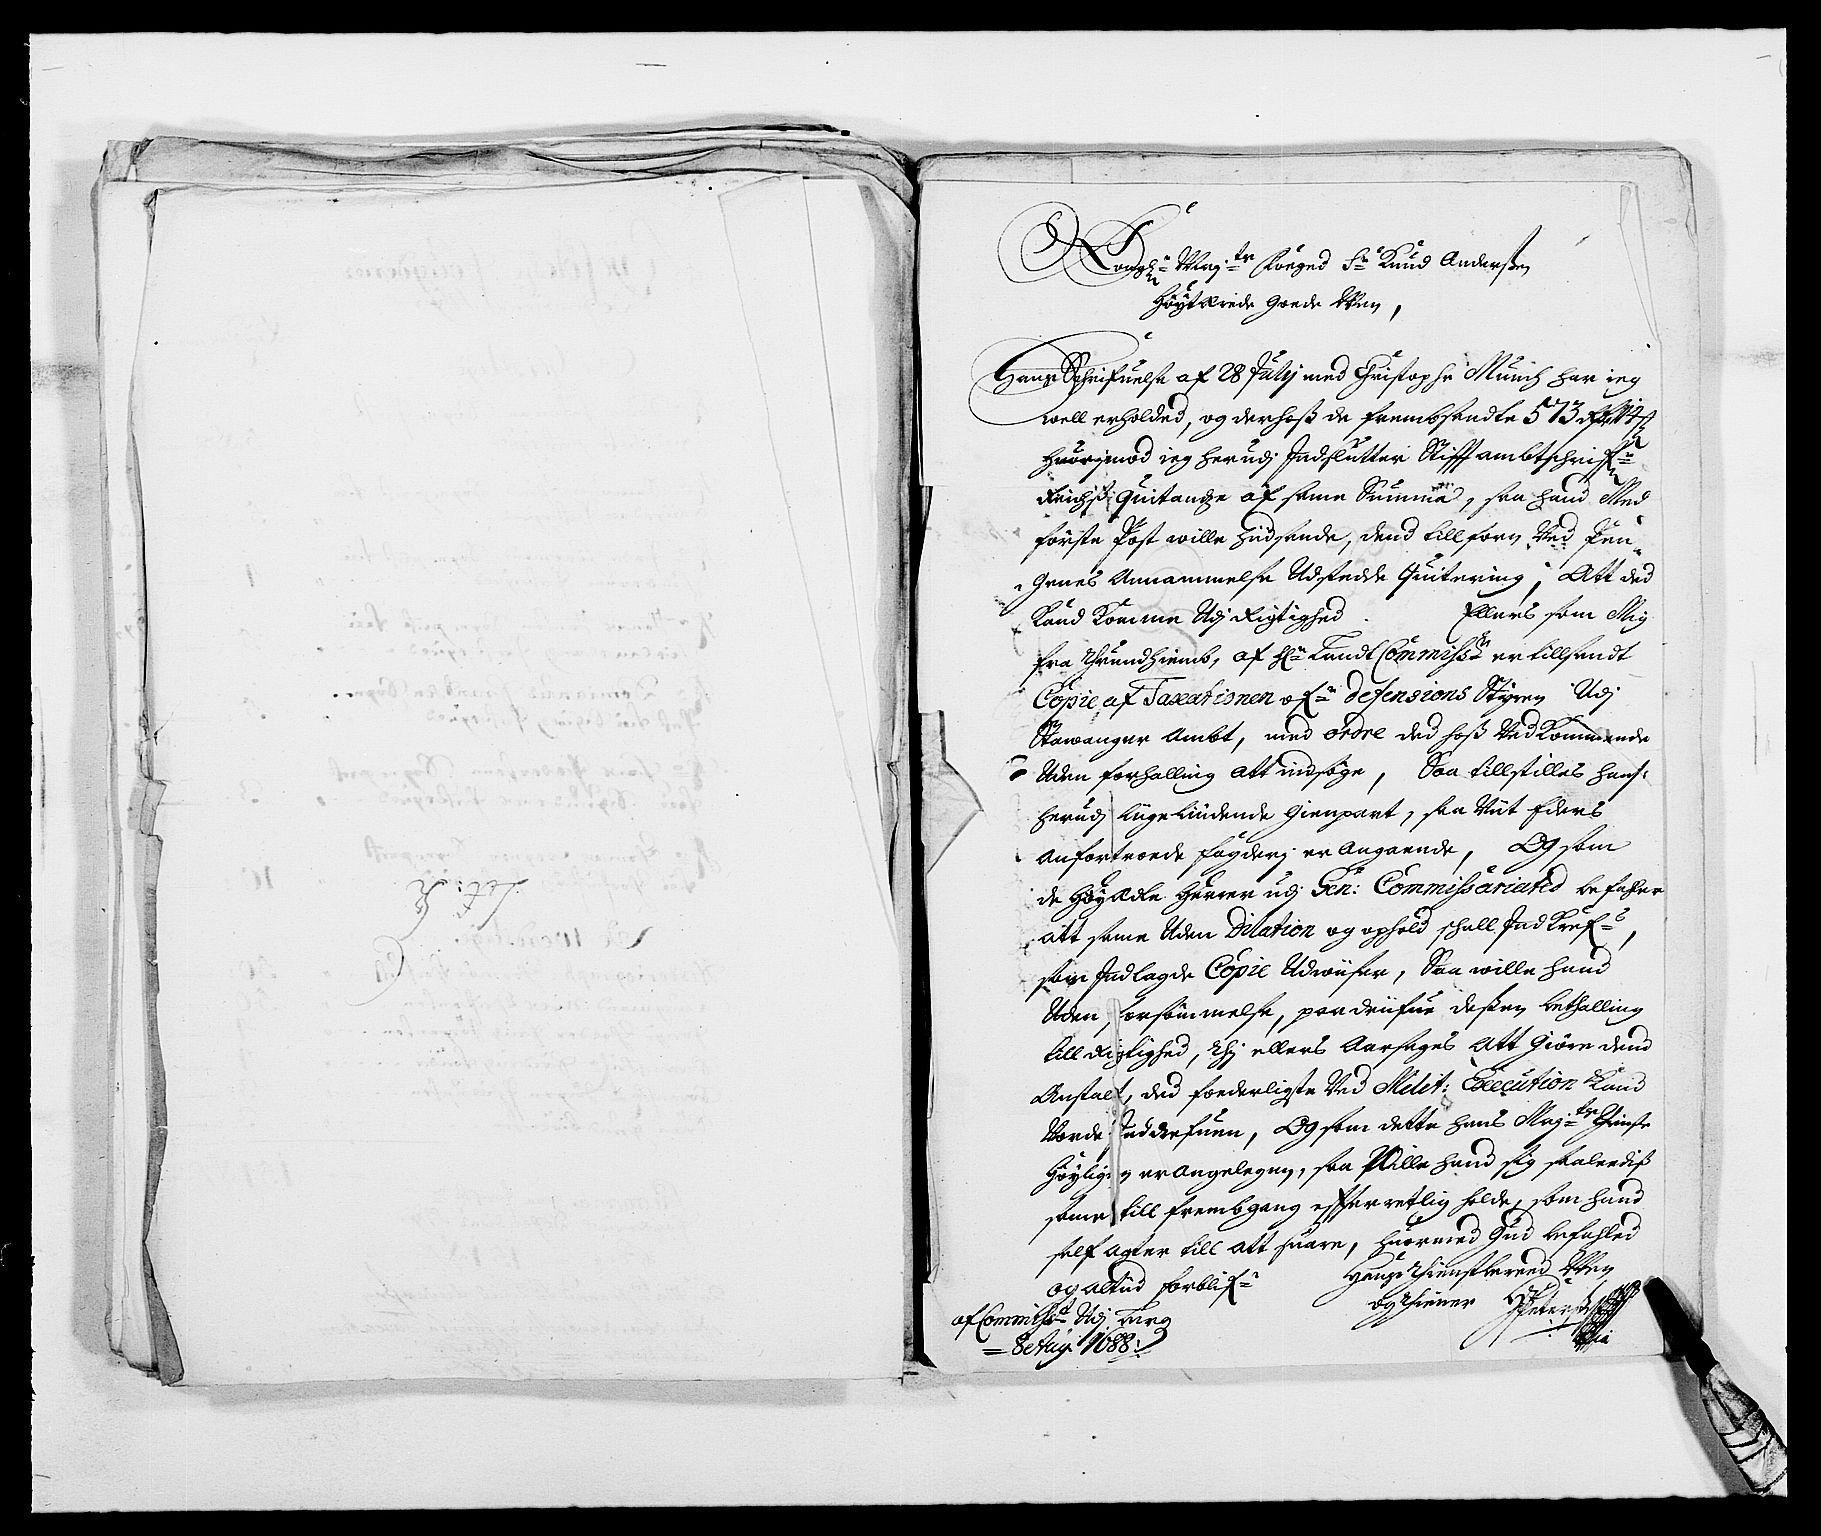 RA, Rentekammeret inntil 1814, Reviderte regnskaper, Fogderegnskap, R47/L2855: Fogderegnskap Ryfylke, 1685-1688, s. 391